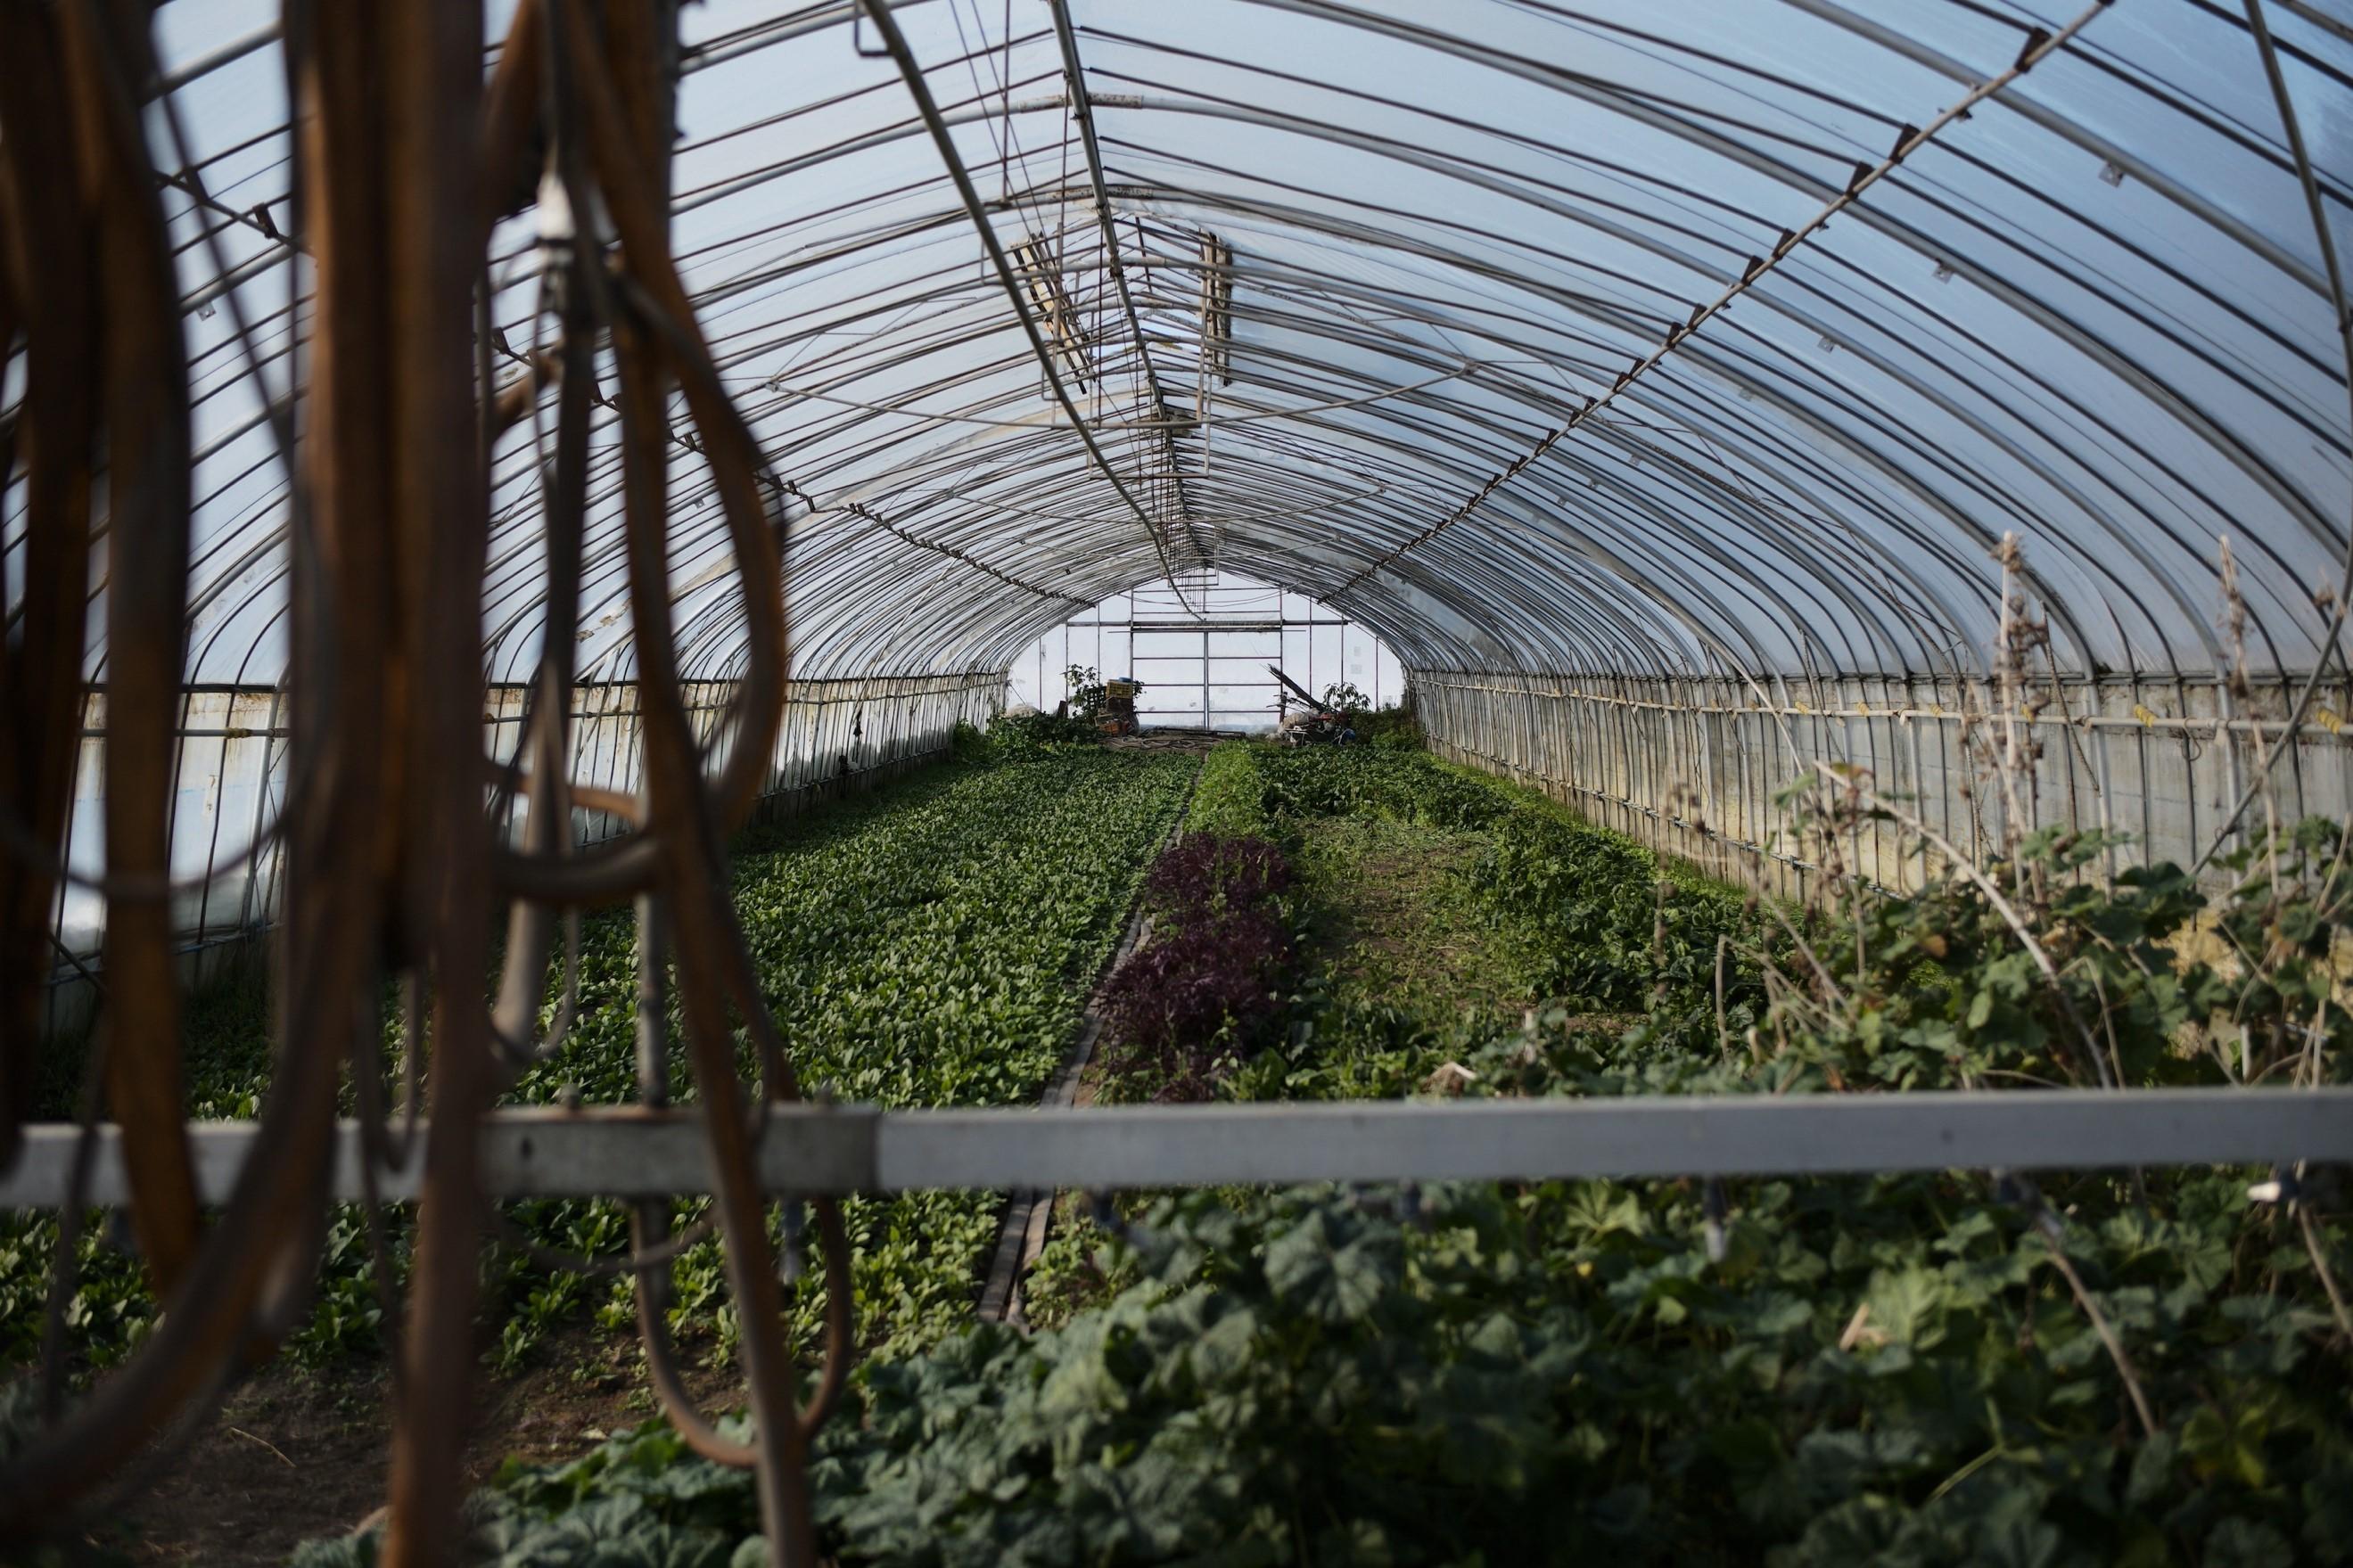 ビニールハウスでは、葉物野菜の数々が育てられていた